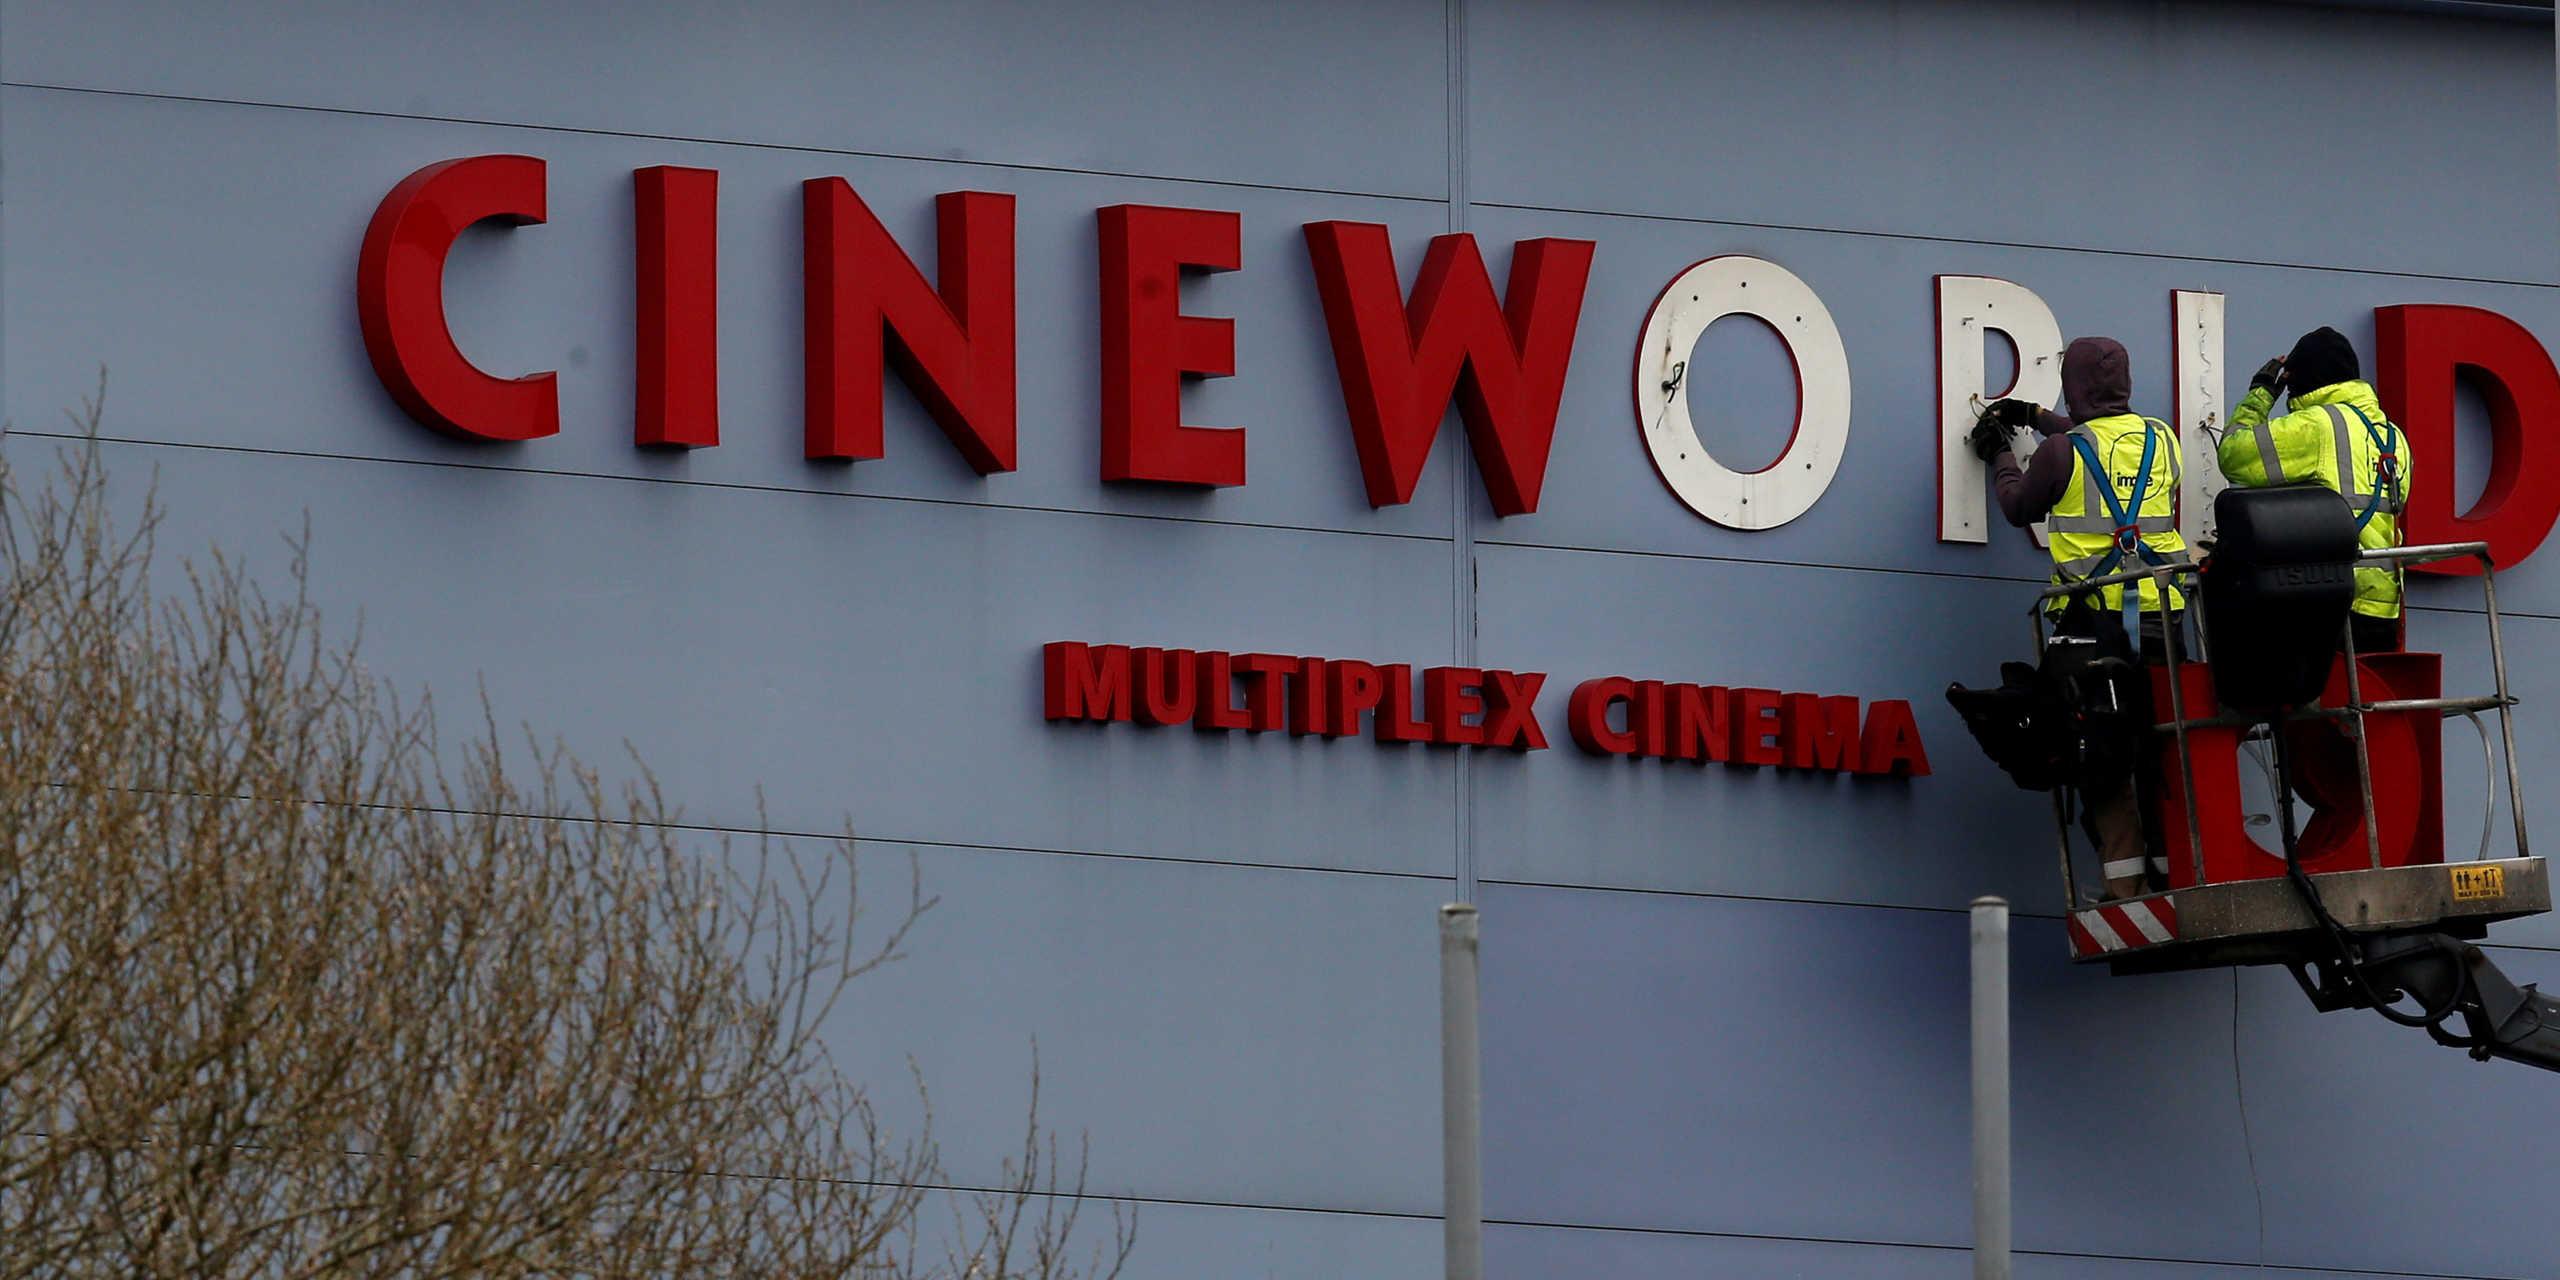 Cineworld: Κλείνει η δεύτερη αλυσίδα κινηματογράφων στον κόσμο – 45.000 άνεργοι!